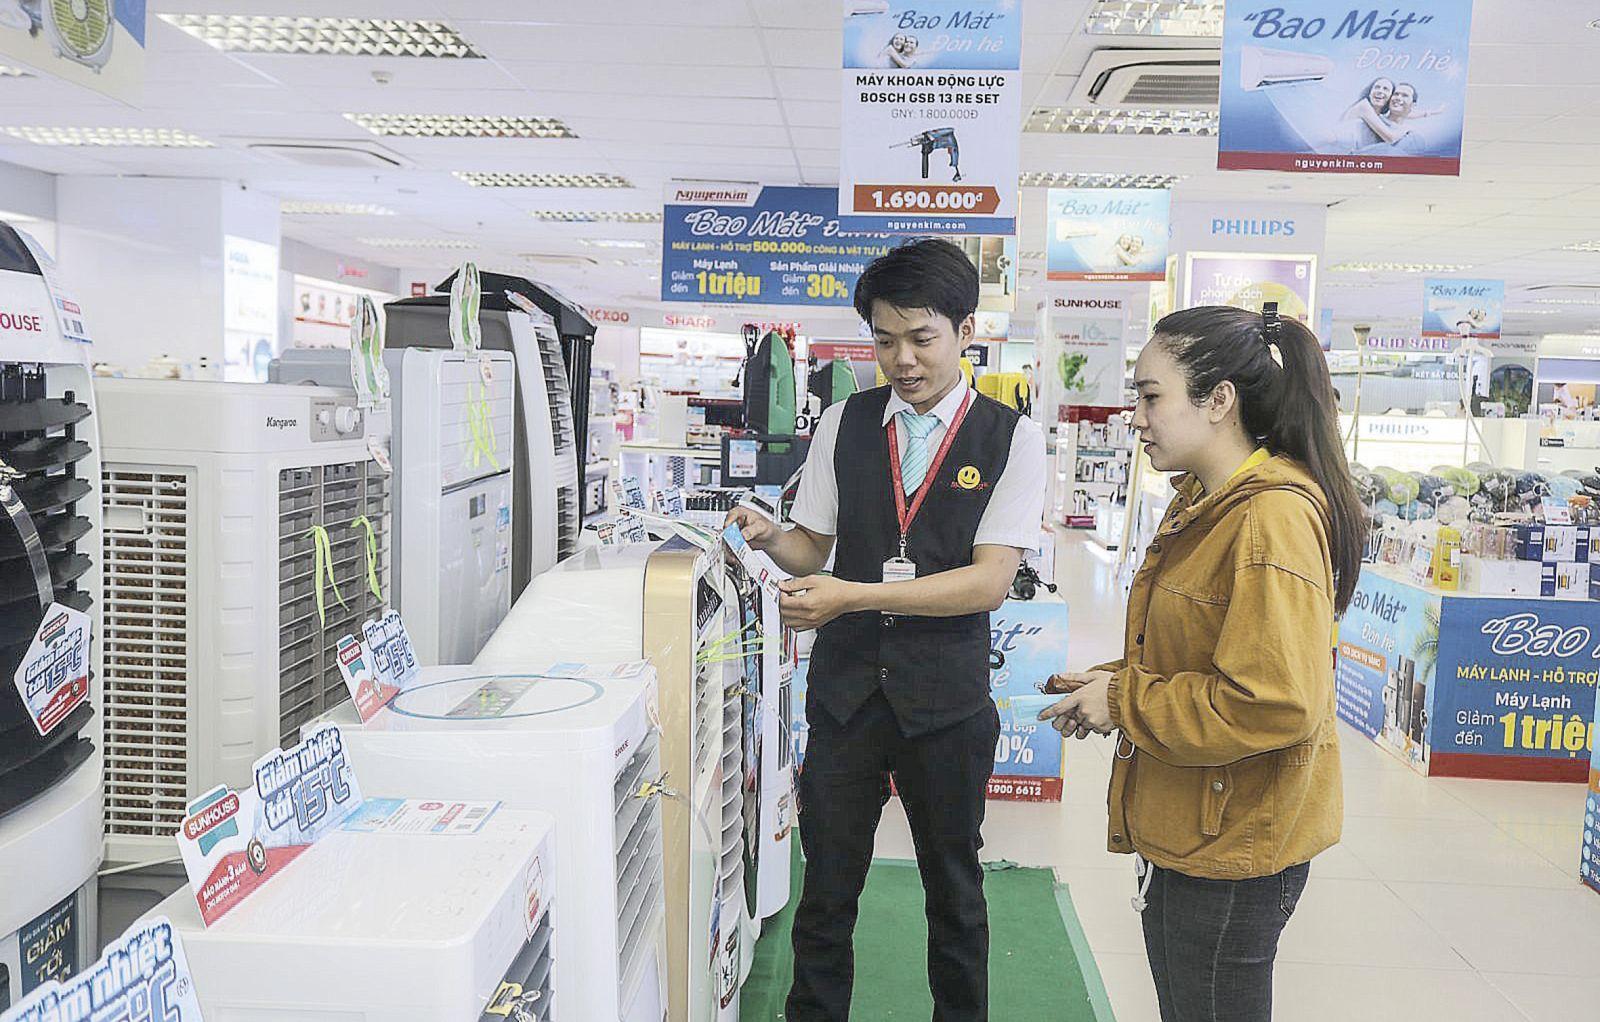 Khách hàng tìm hiểu tính năng của quạt phun sương tại Trung tâm mua sắm Sài Gòn-Nguyễn Kim tại Cần Thơ. Ảnh: M.HOA